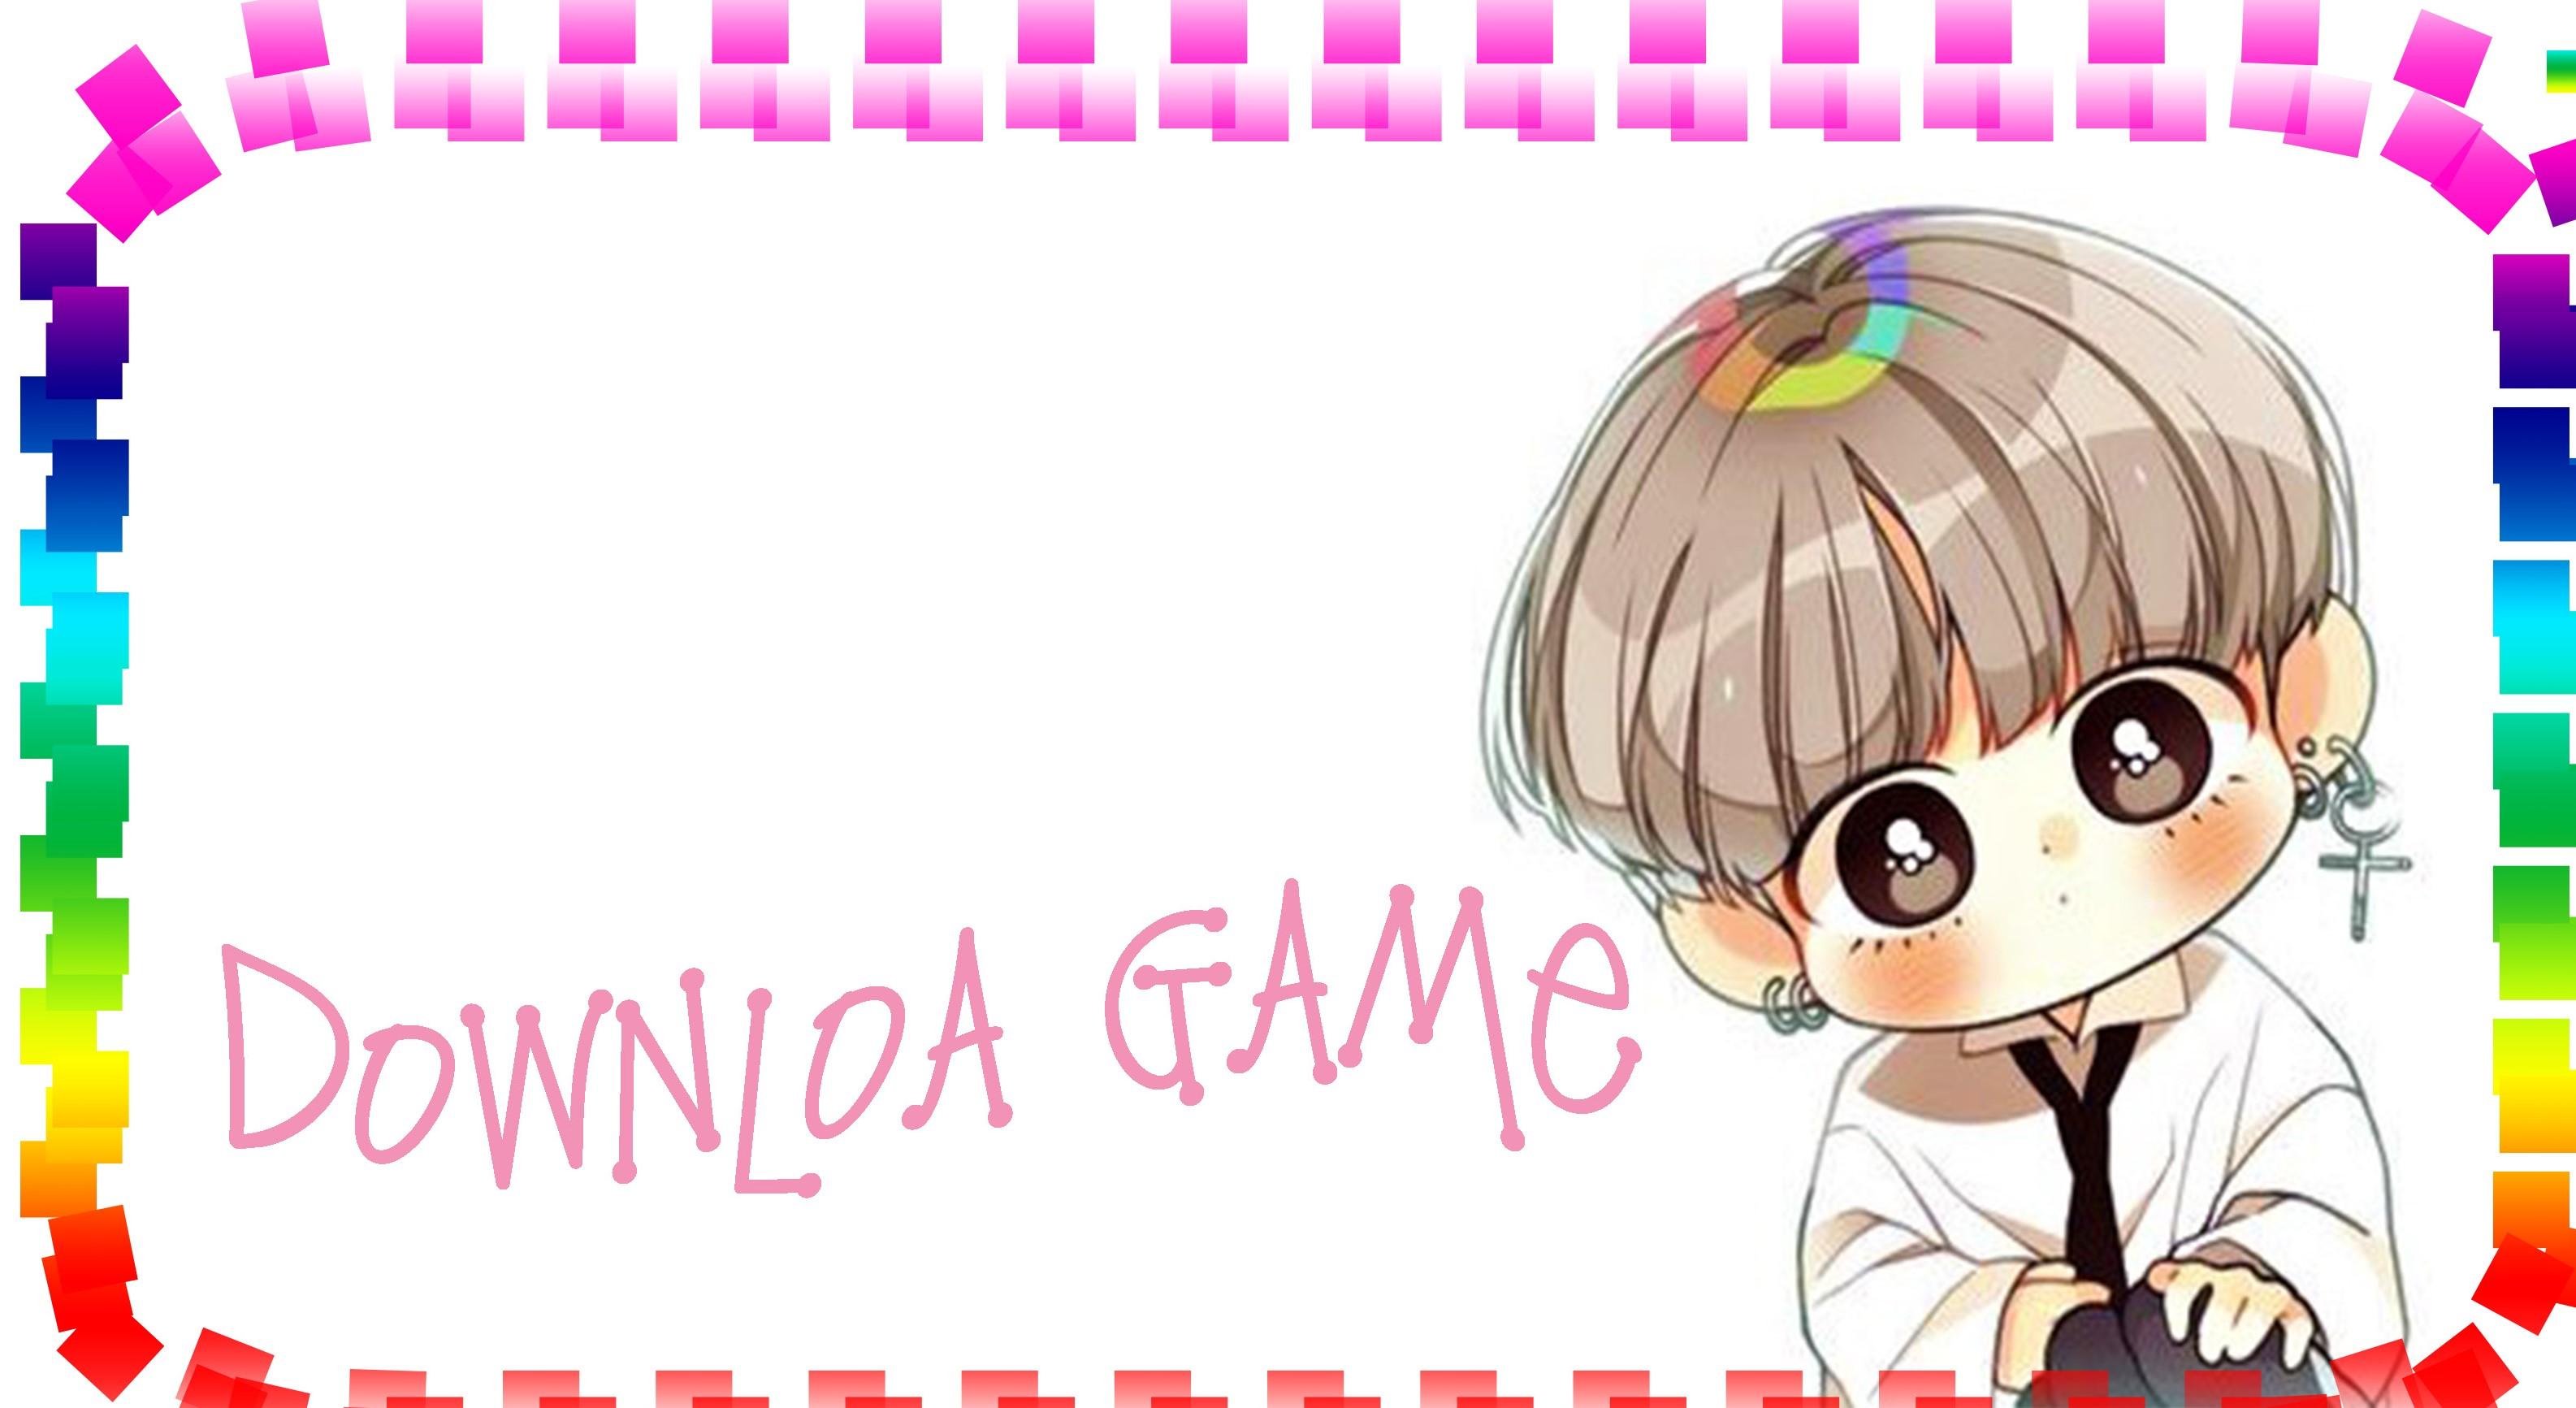 Untitlved 1 - ★ Game superstar bts ★